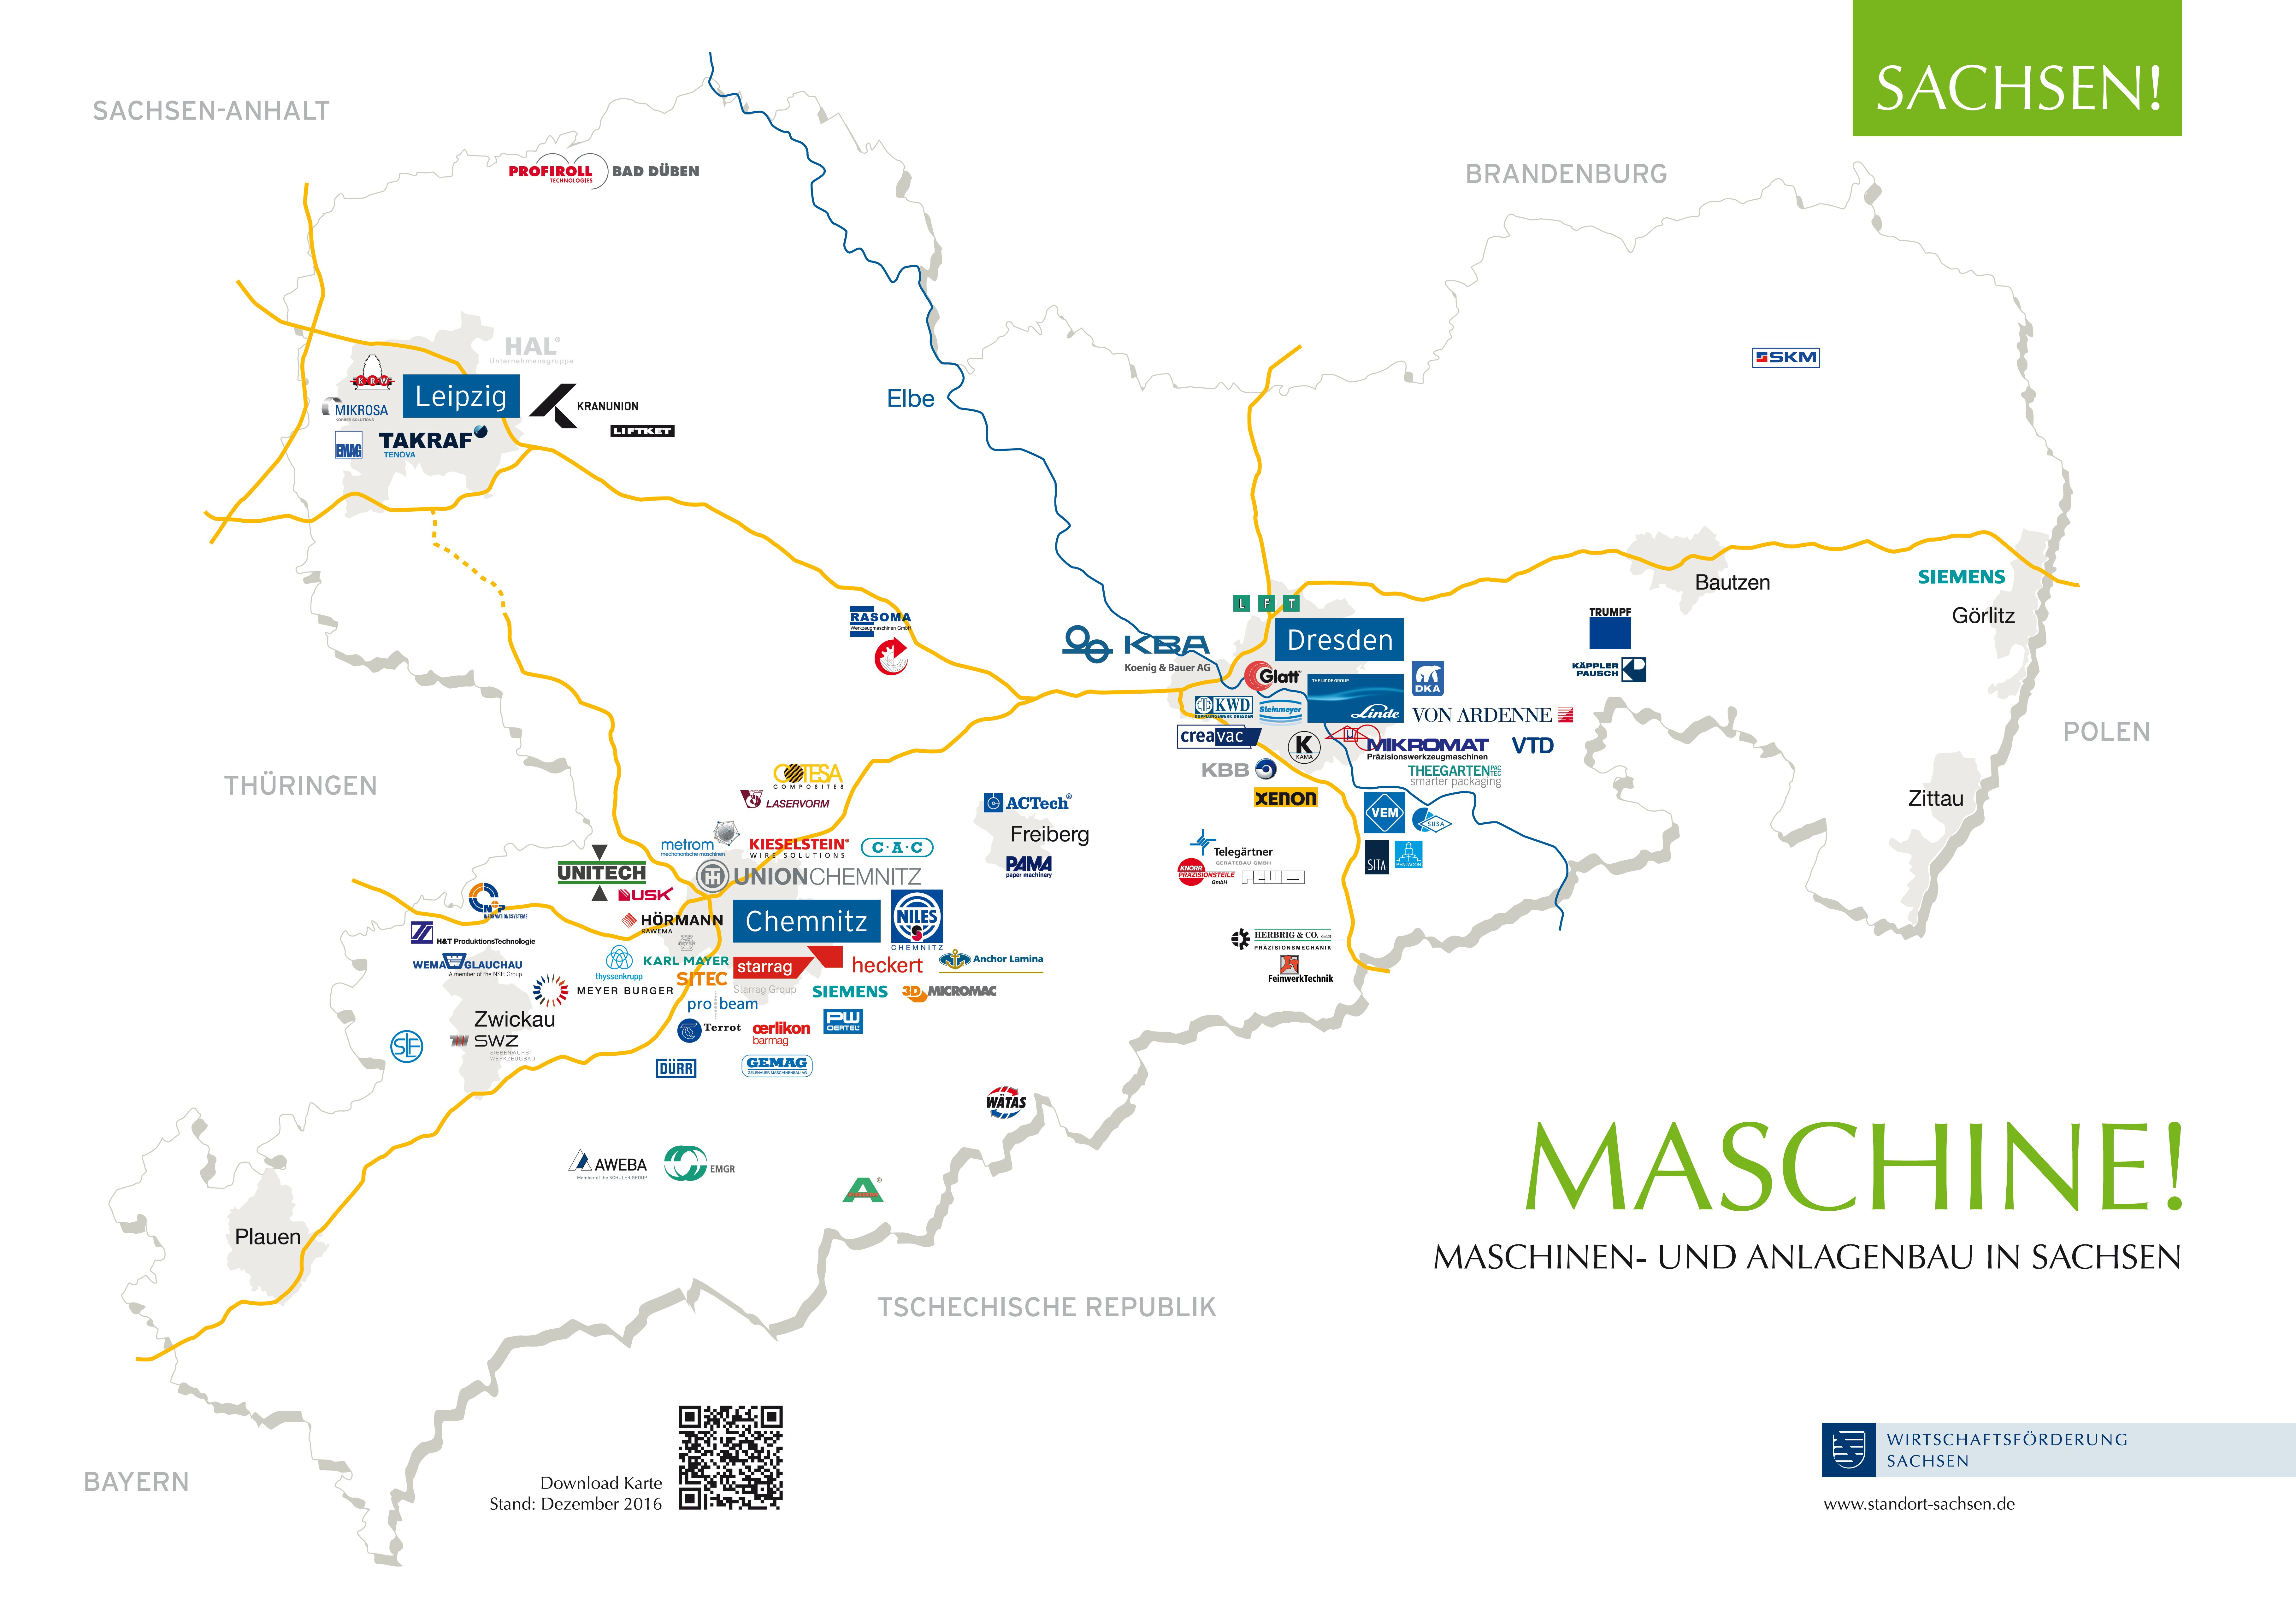 Chemnitz Karte.Standort Sachsen Maschine Maschinen Und Anlagenbau